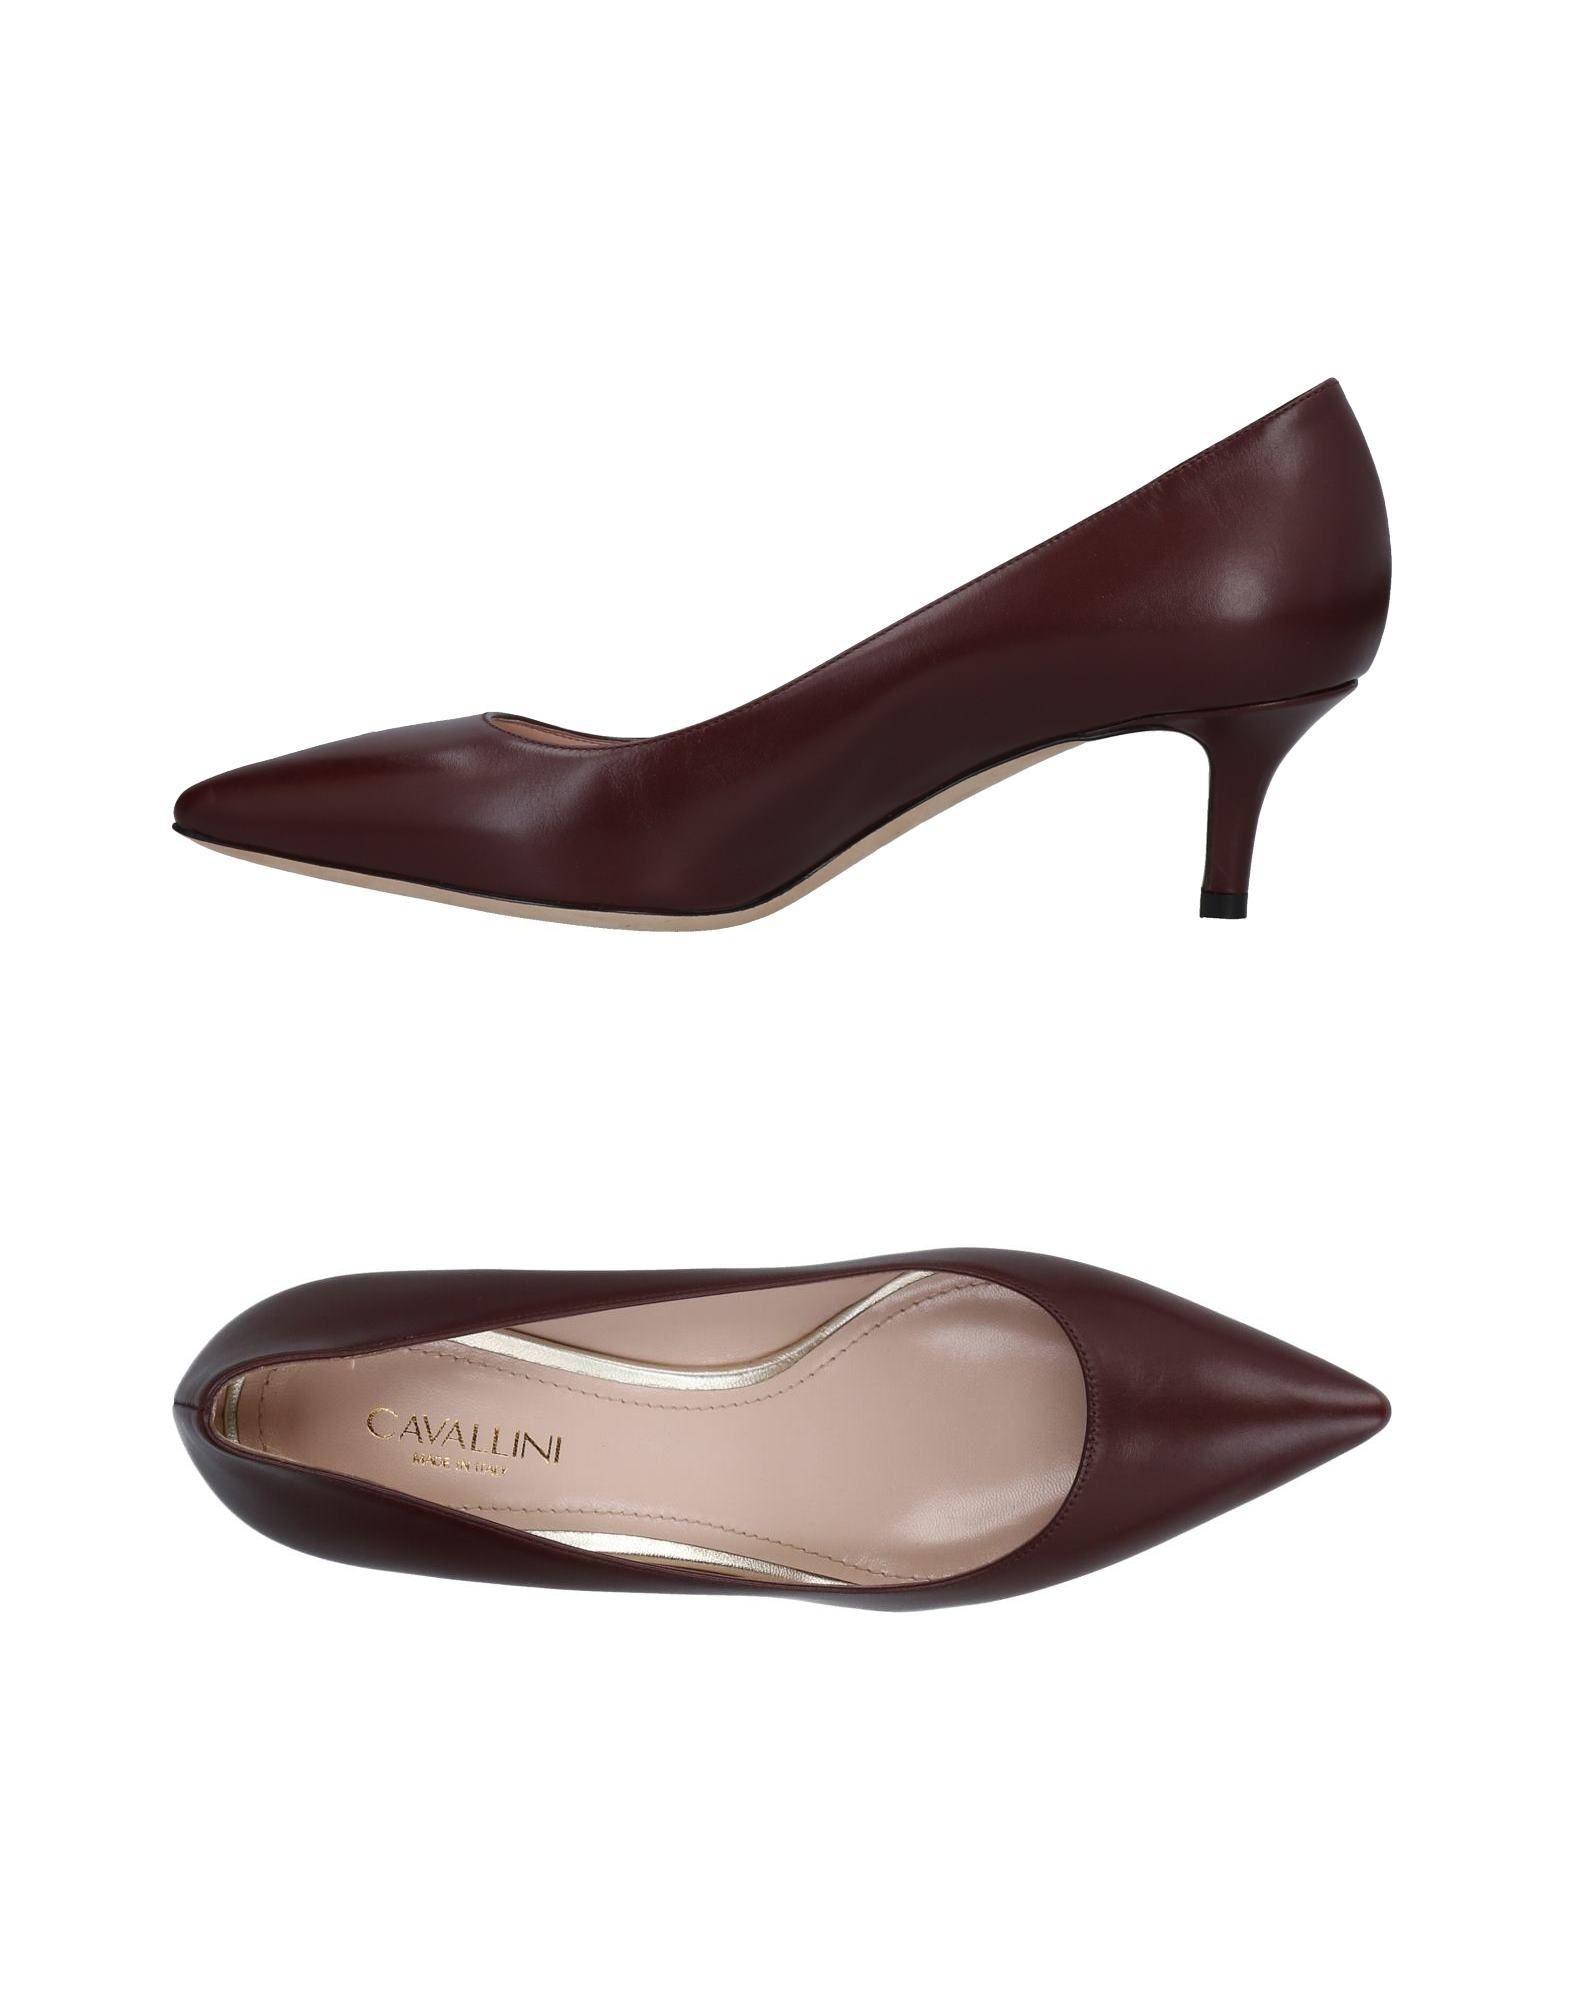 Gut um Pumps billige Schuhe zu tragenCavallini Pumps um Damen  11488282RG 270494